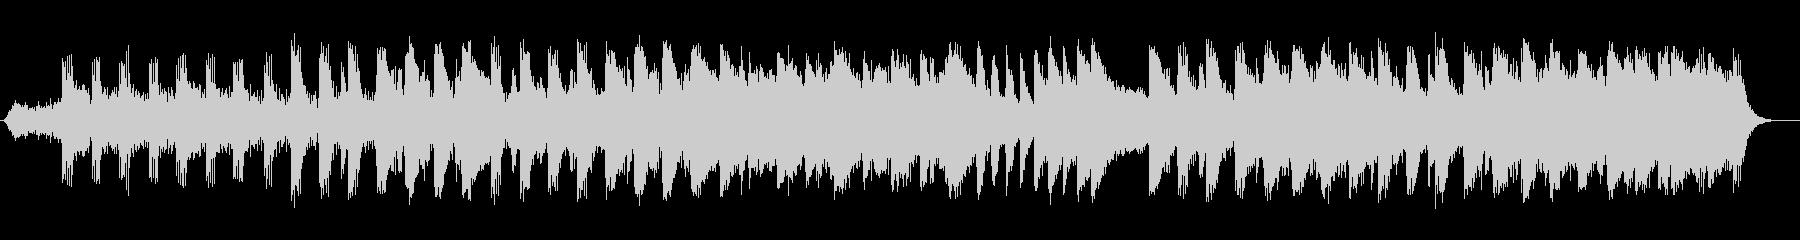 神秘的な弦楽器シンセサイザーサウンドの未再生の波形